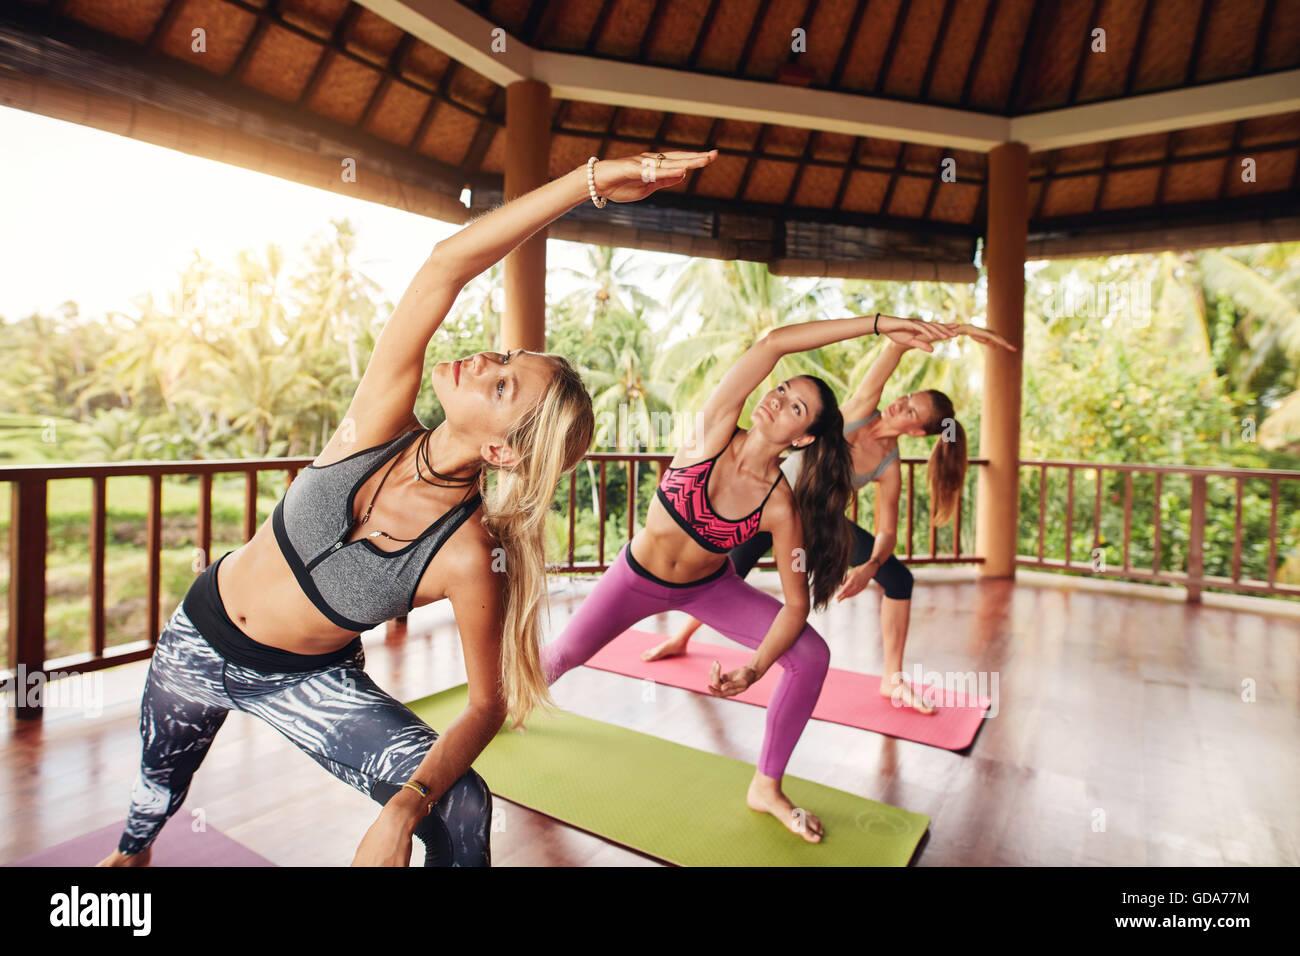 Yoga-Kurs mit jungen Frauen, die Waffen Strecken. gesunde Gruppe von Frauen, die Yoga Musizieren. Stockfoto